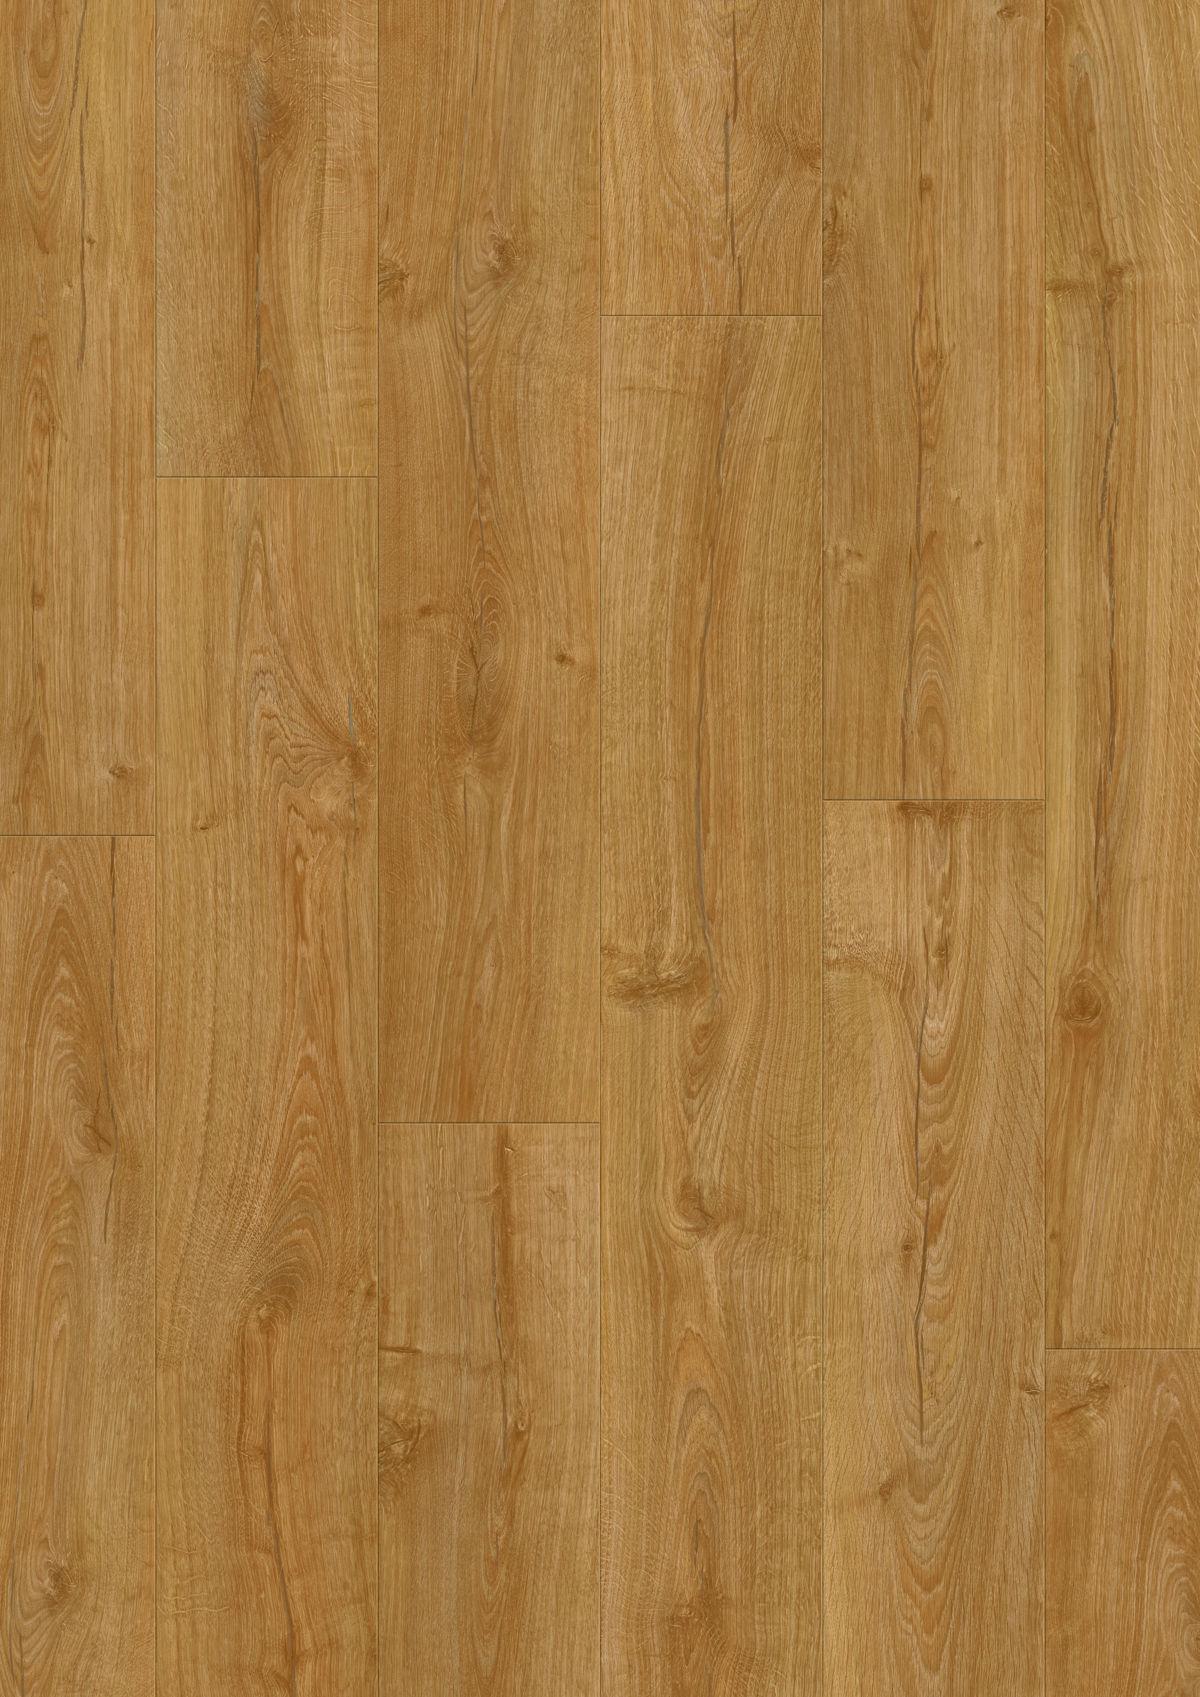 Pergo sensation manor oak laminate flooring for Pergo laminate flooring